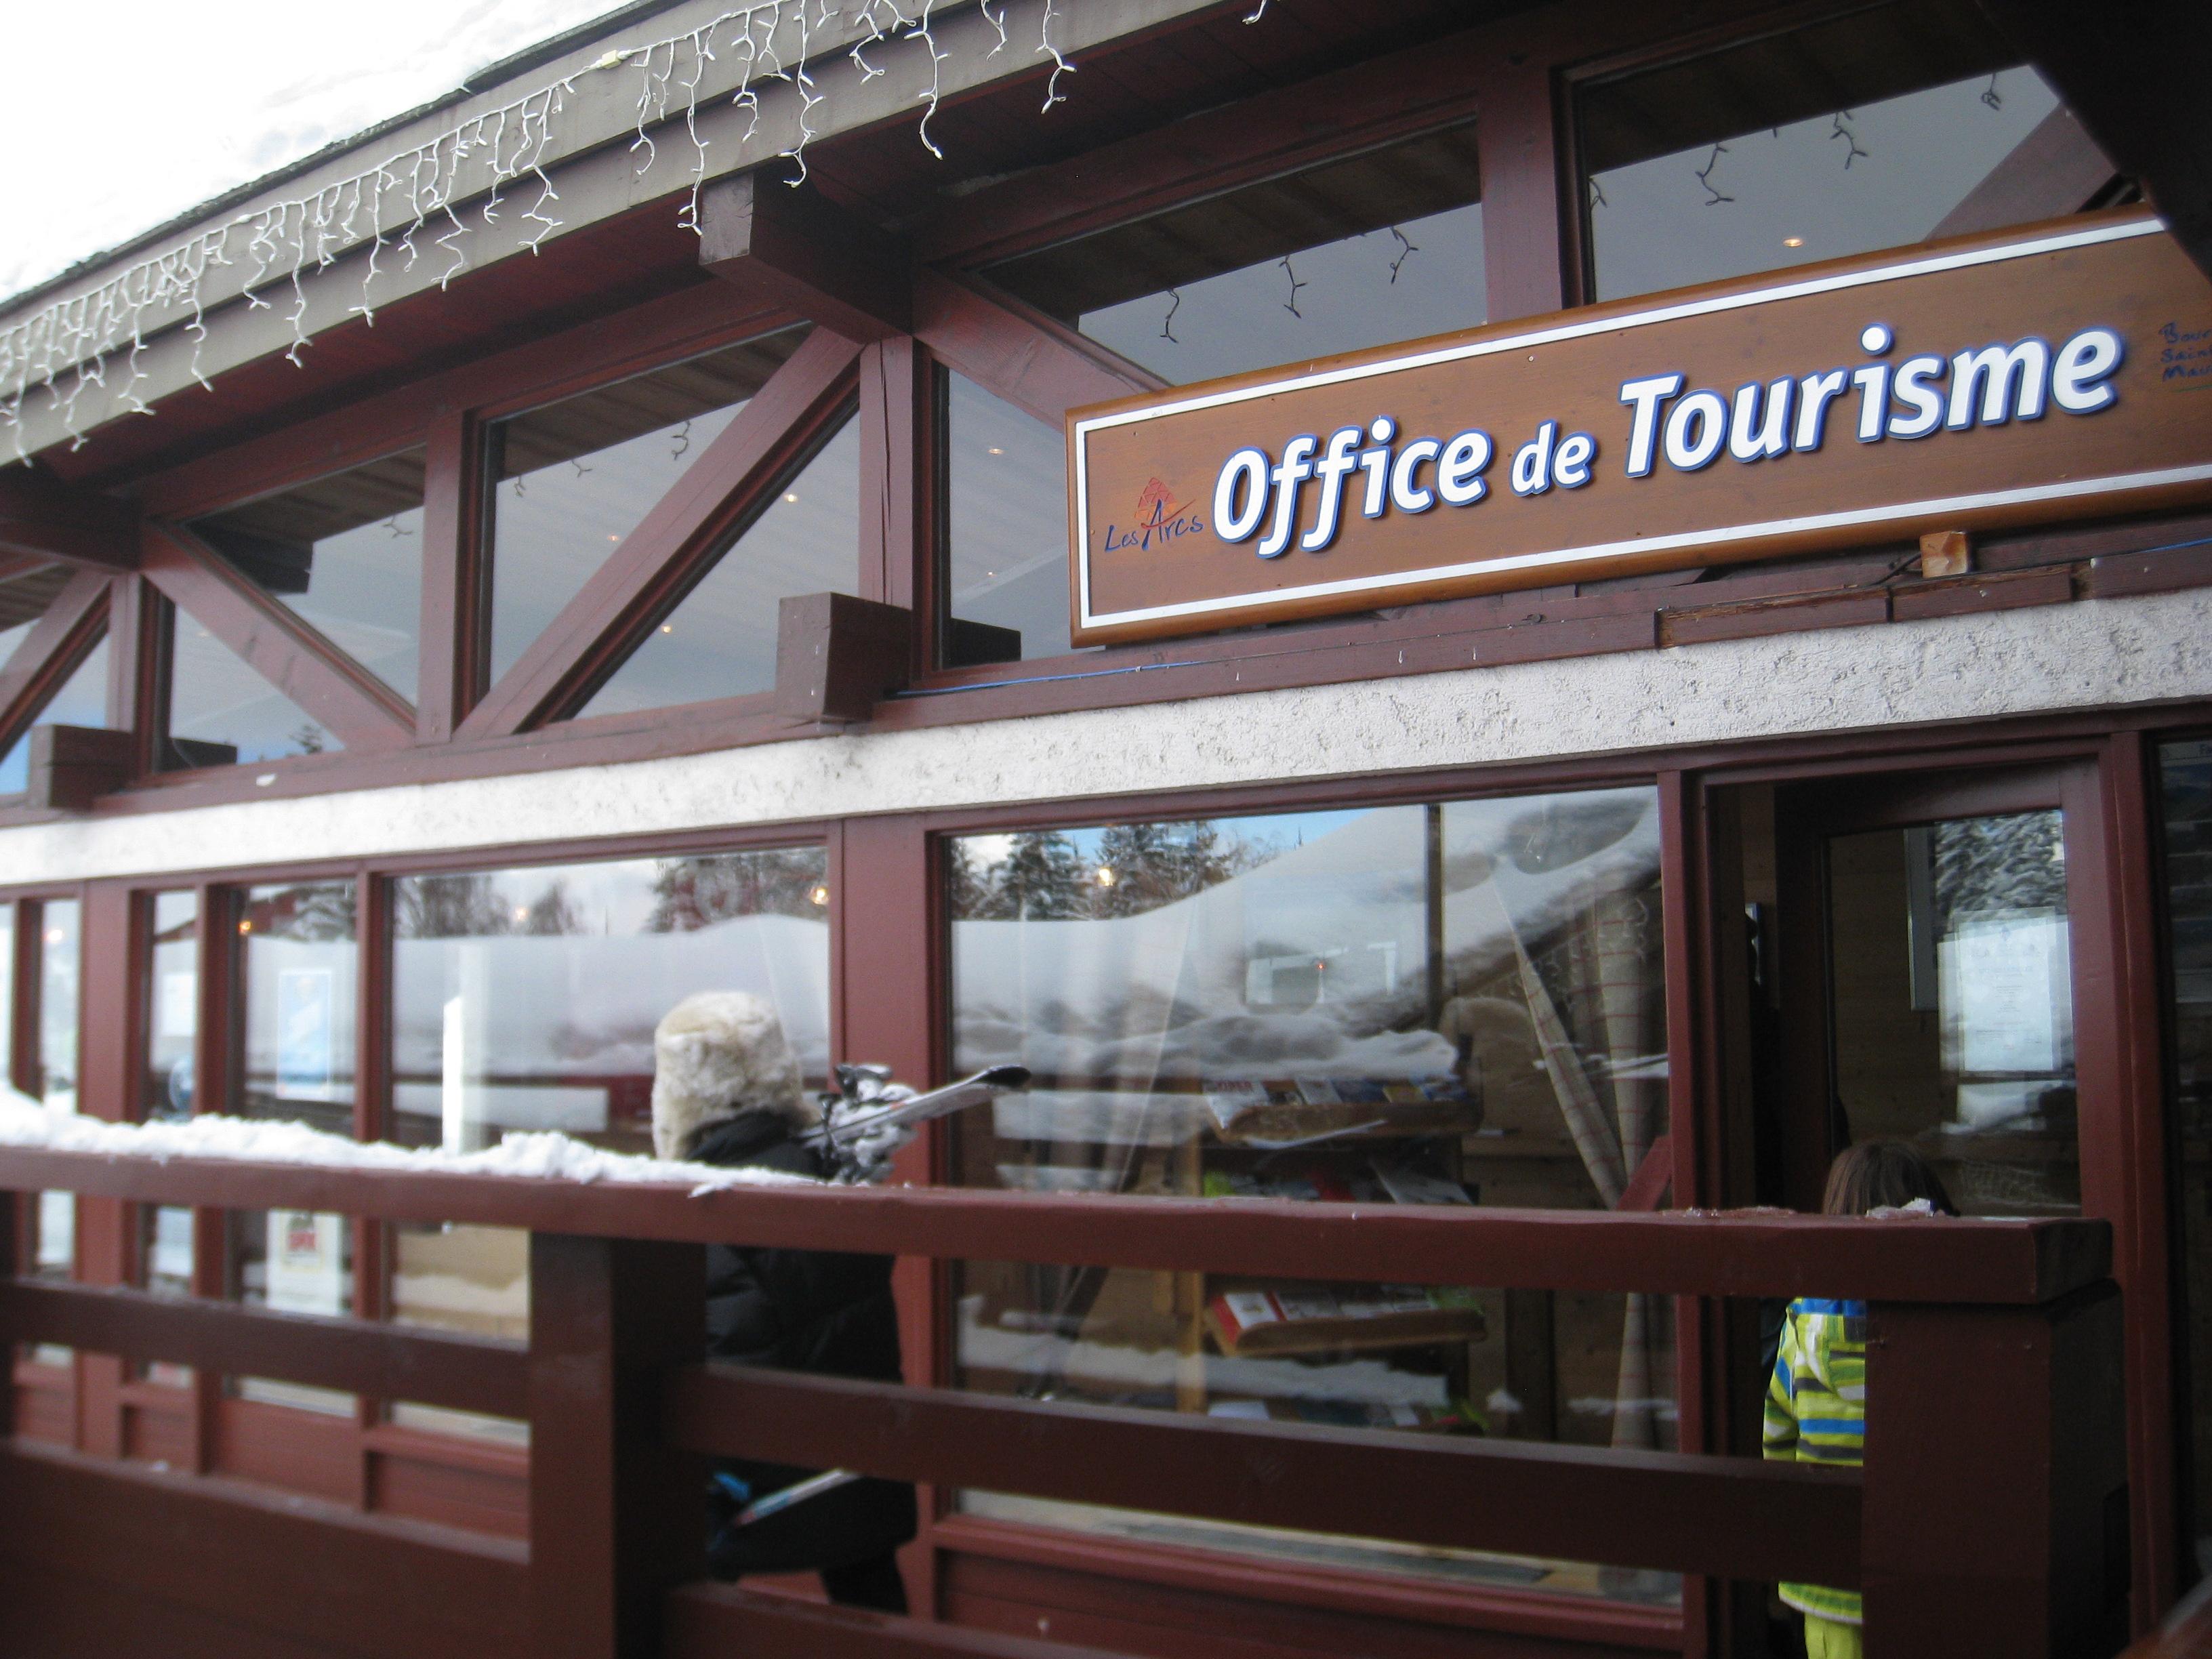 Office de tourisme d 39 arc 1800 savoie mont blanc savoie et haute savoie alpes - Office de tourisme de bourg saint maurice ...